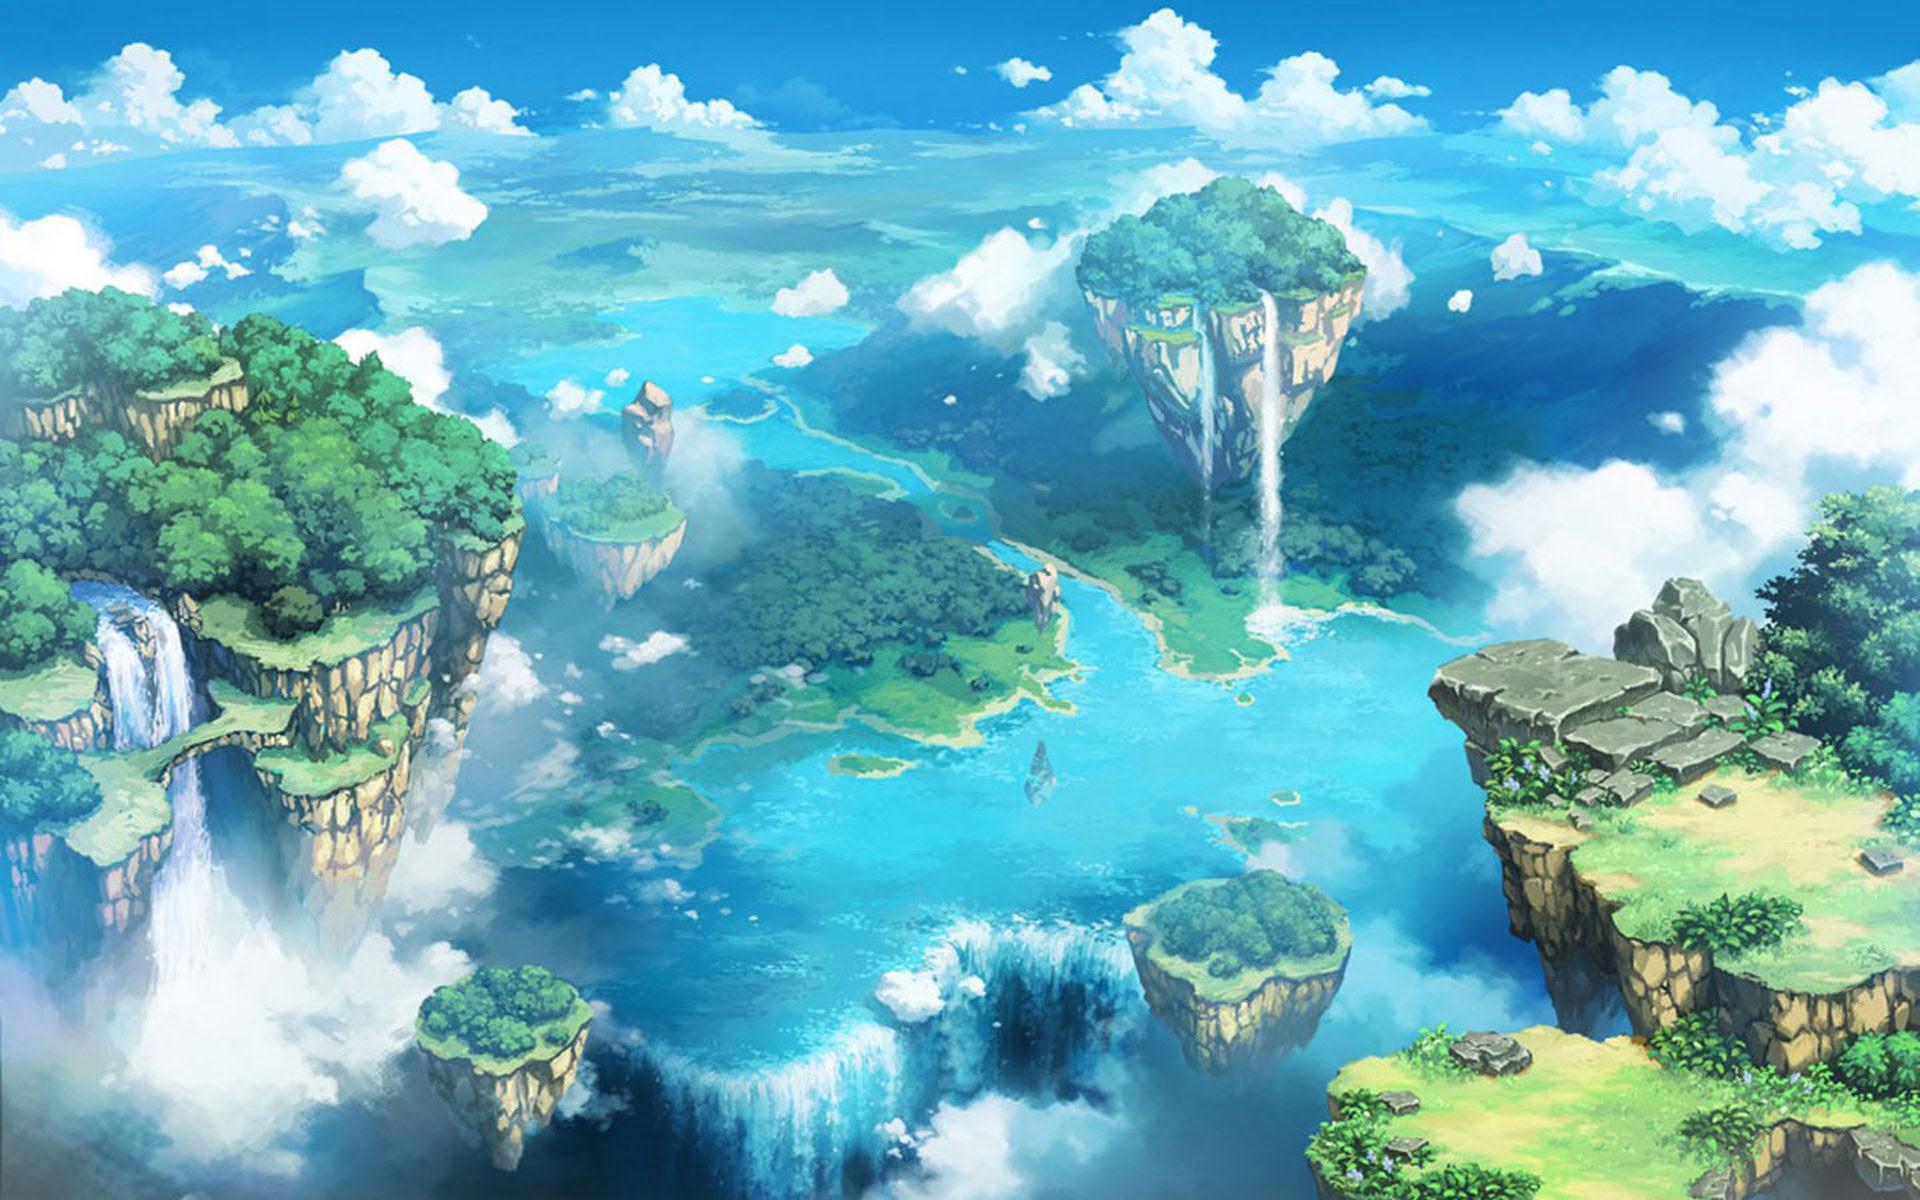 Anime Landscape Wallpaper HD   PixelsTalk.Net